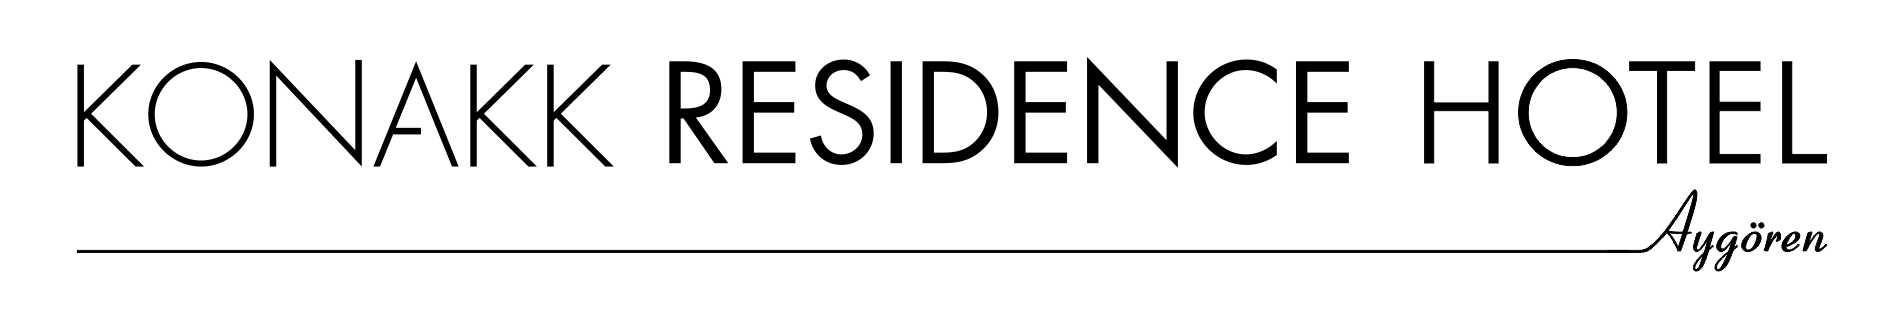 Konakk Residence Hotel